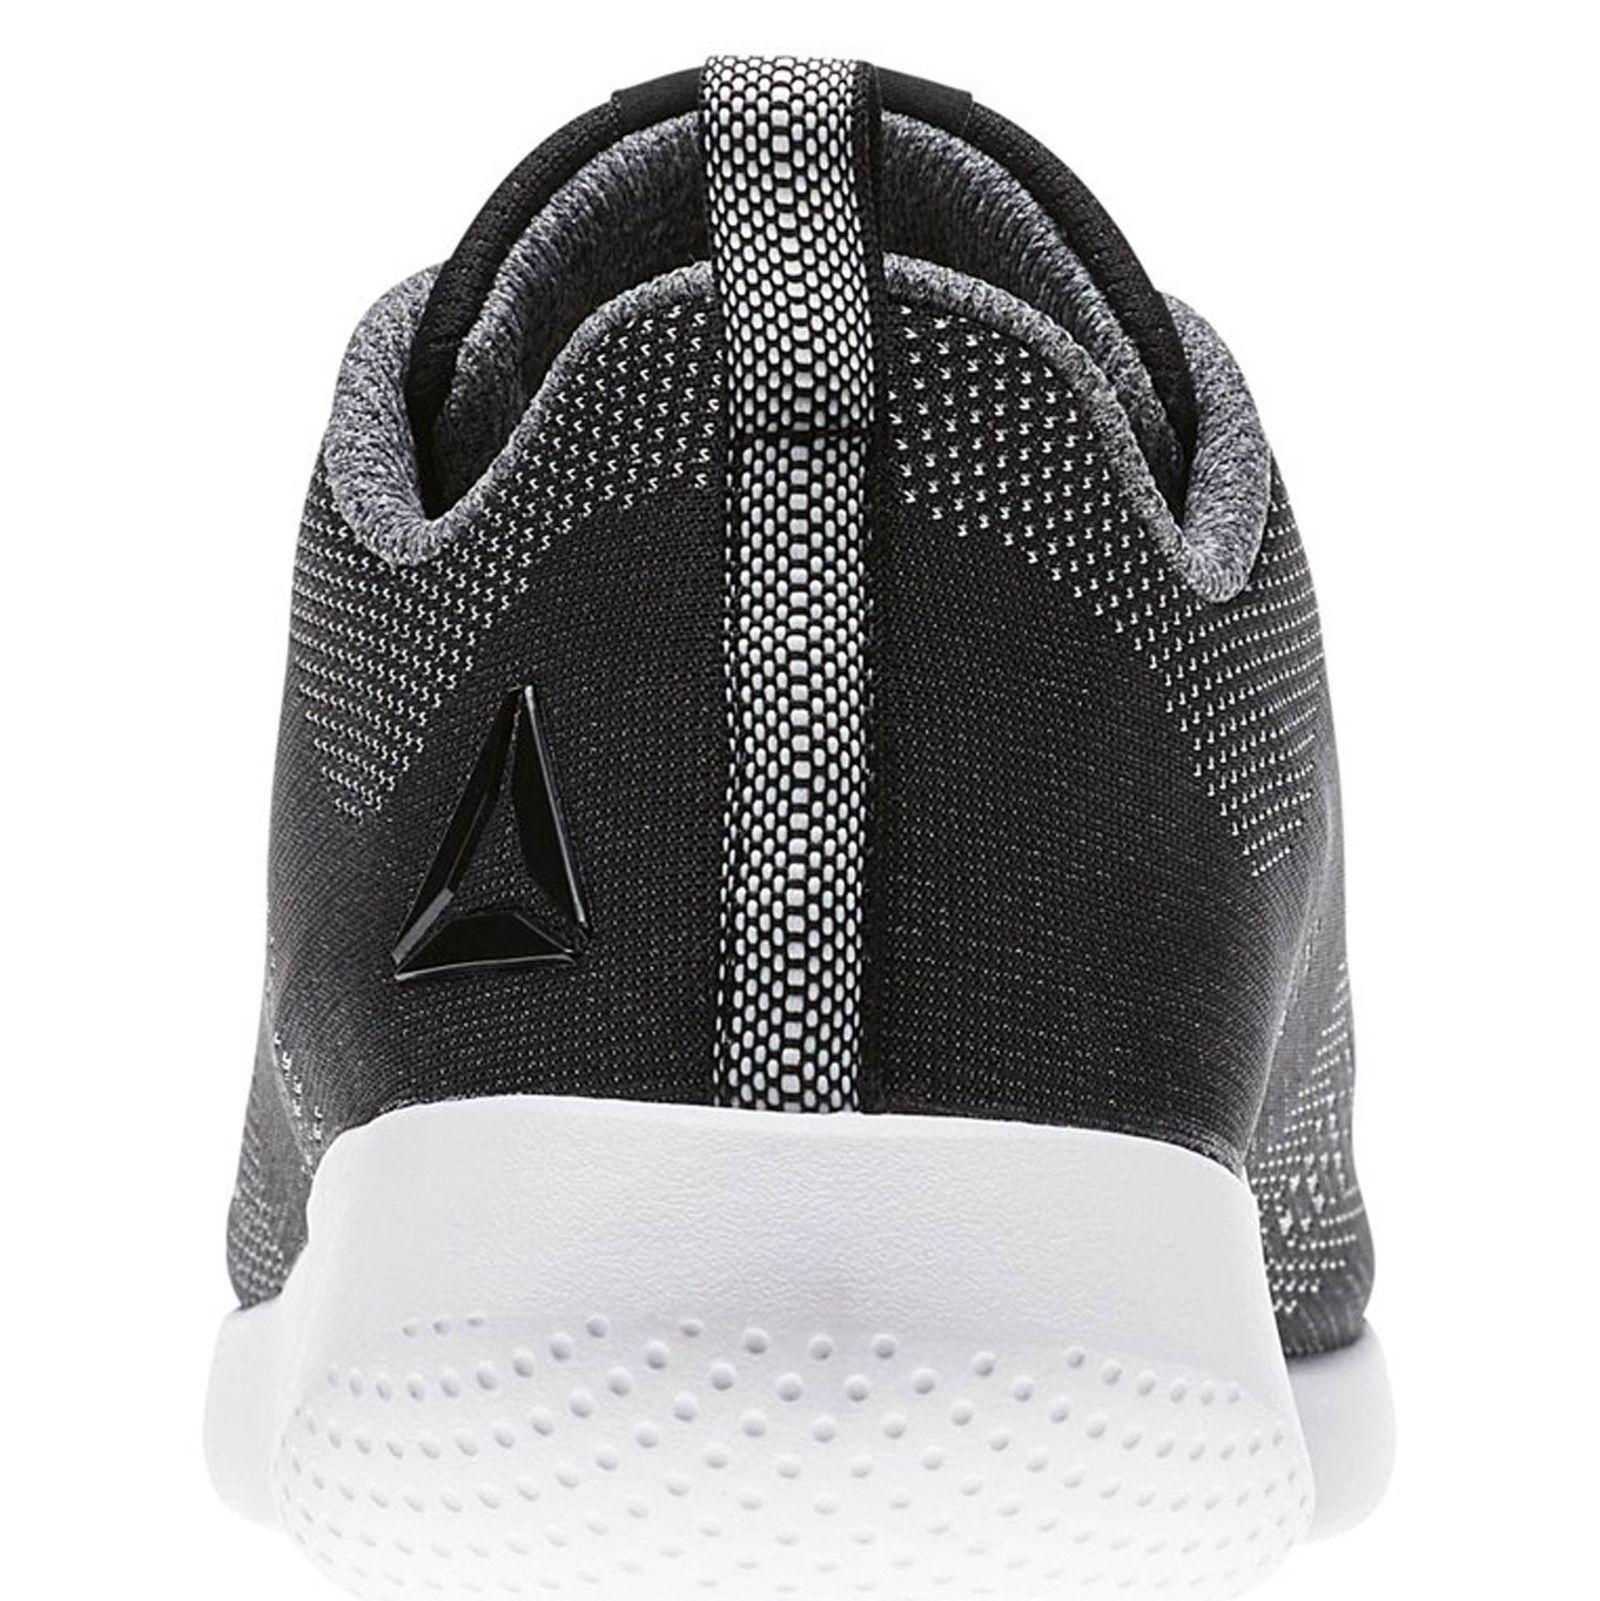 کفش مخصوص پیاده روی زنانه ریباک مدل Esoterra DMX Lite - مشکی - 5